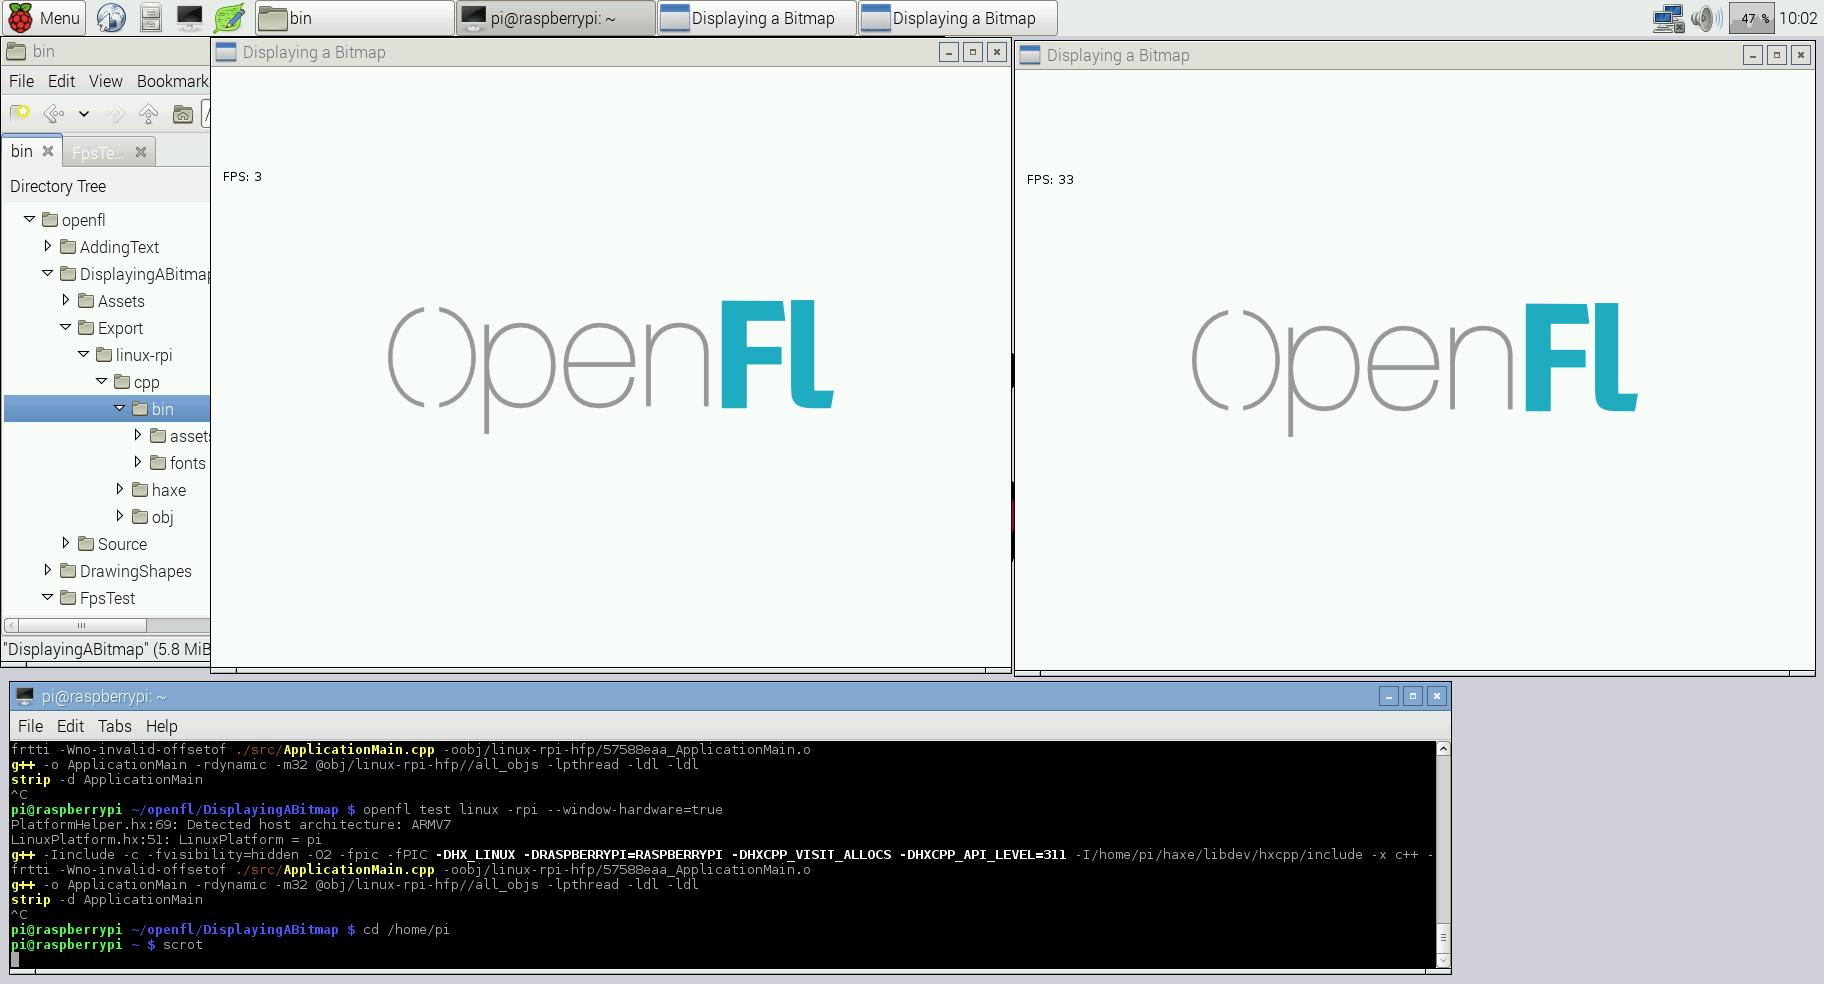 Raspberry Pi 2 anyone? - Help - OpenFL Community